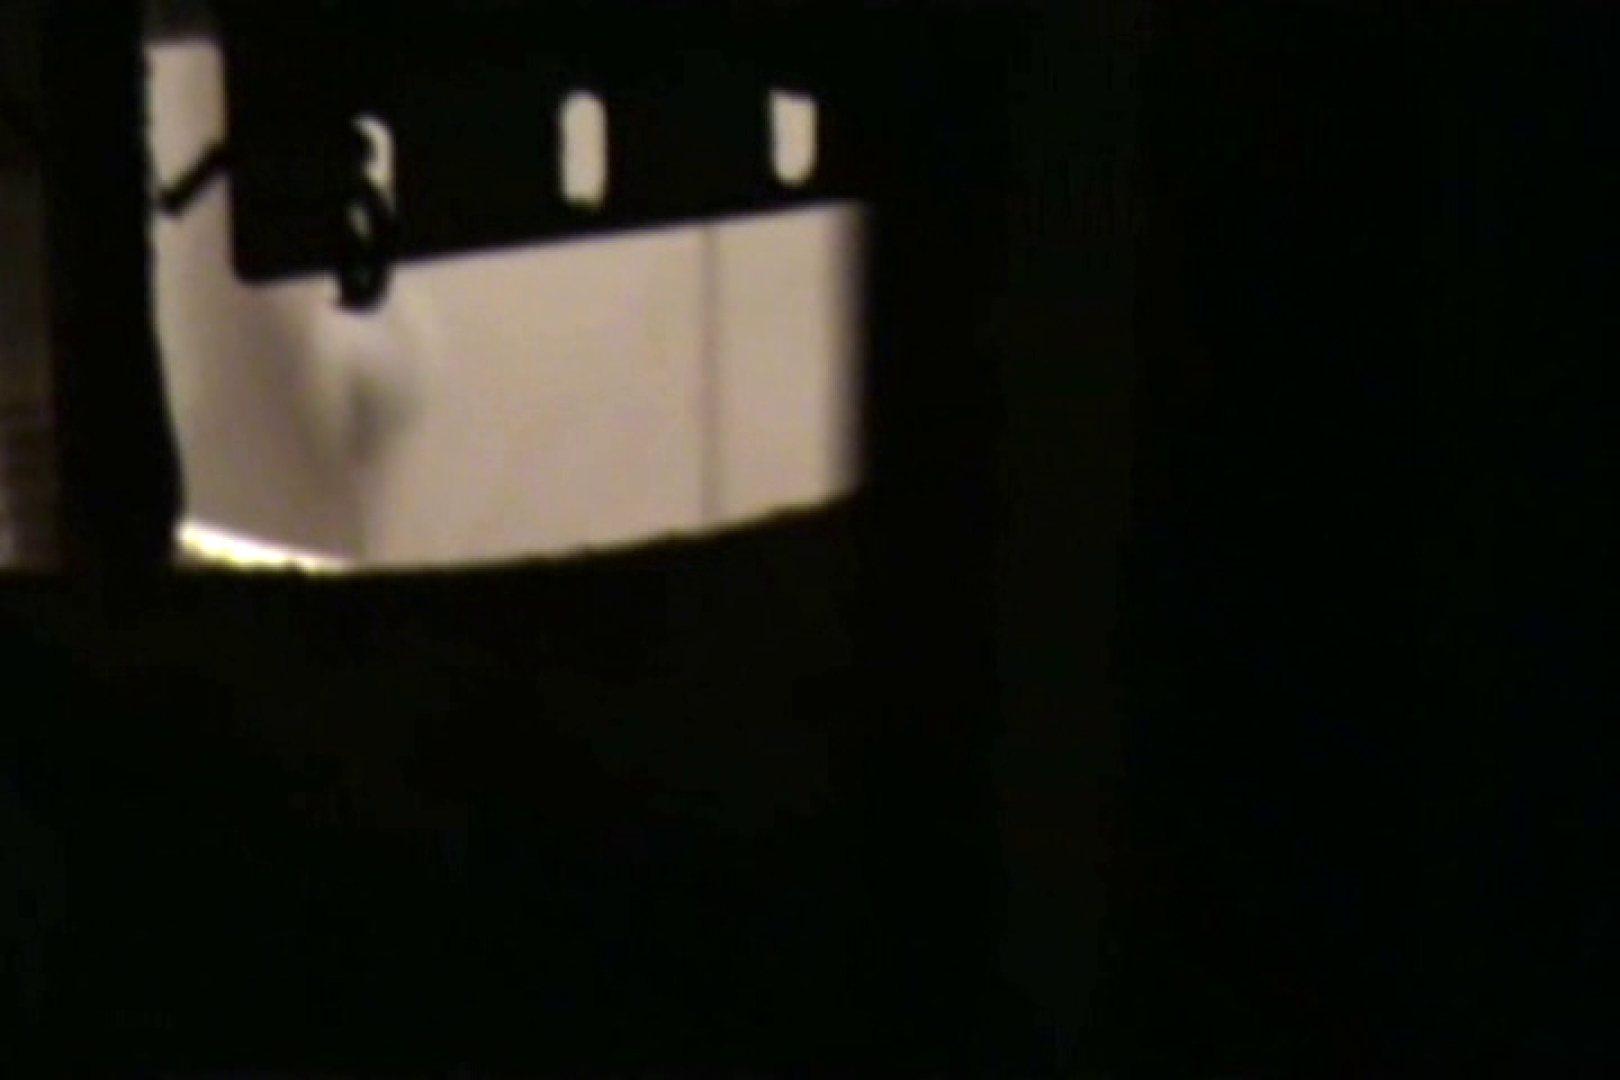 ぼっとん洗面所スペシャルVol.3 洗面所  106枚 15